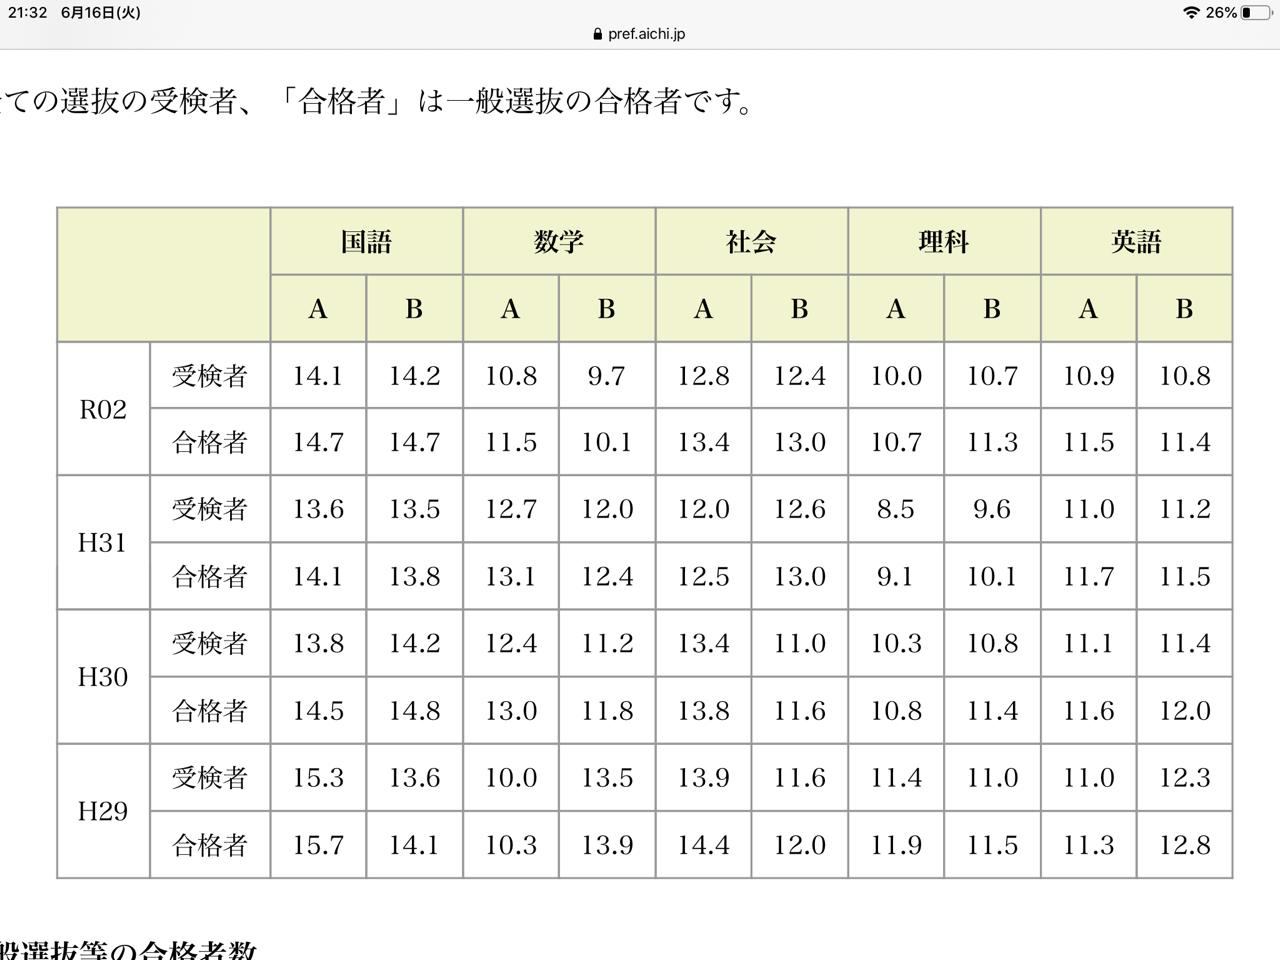 愛知 県 高校 入試 2020